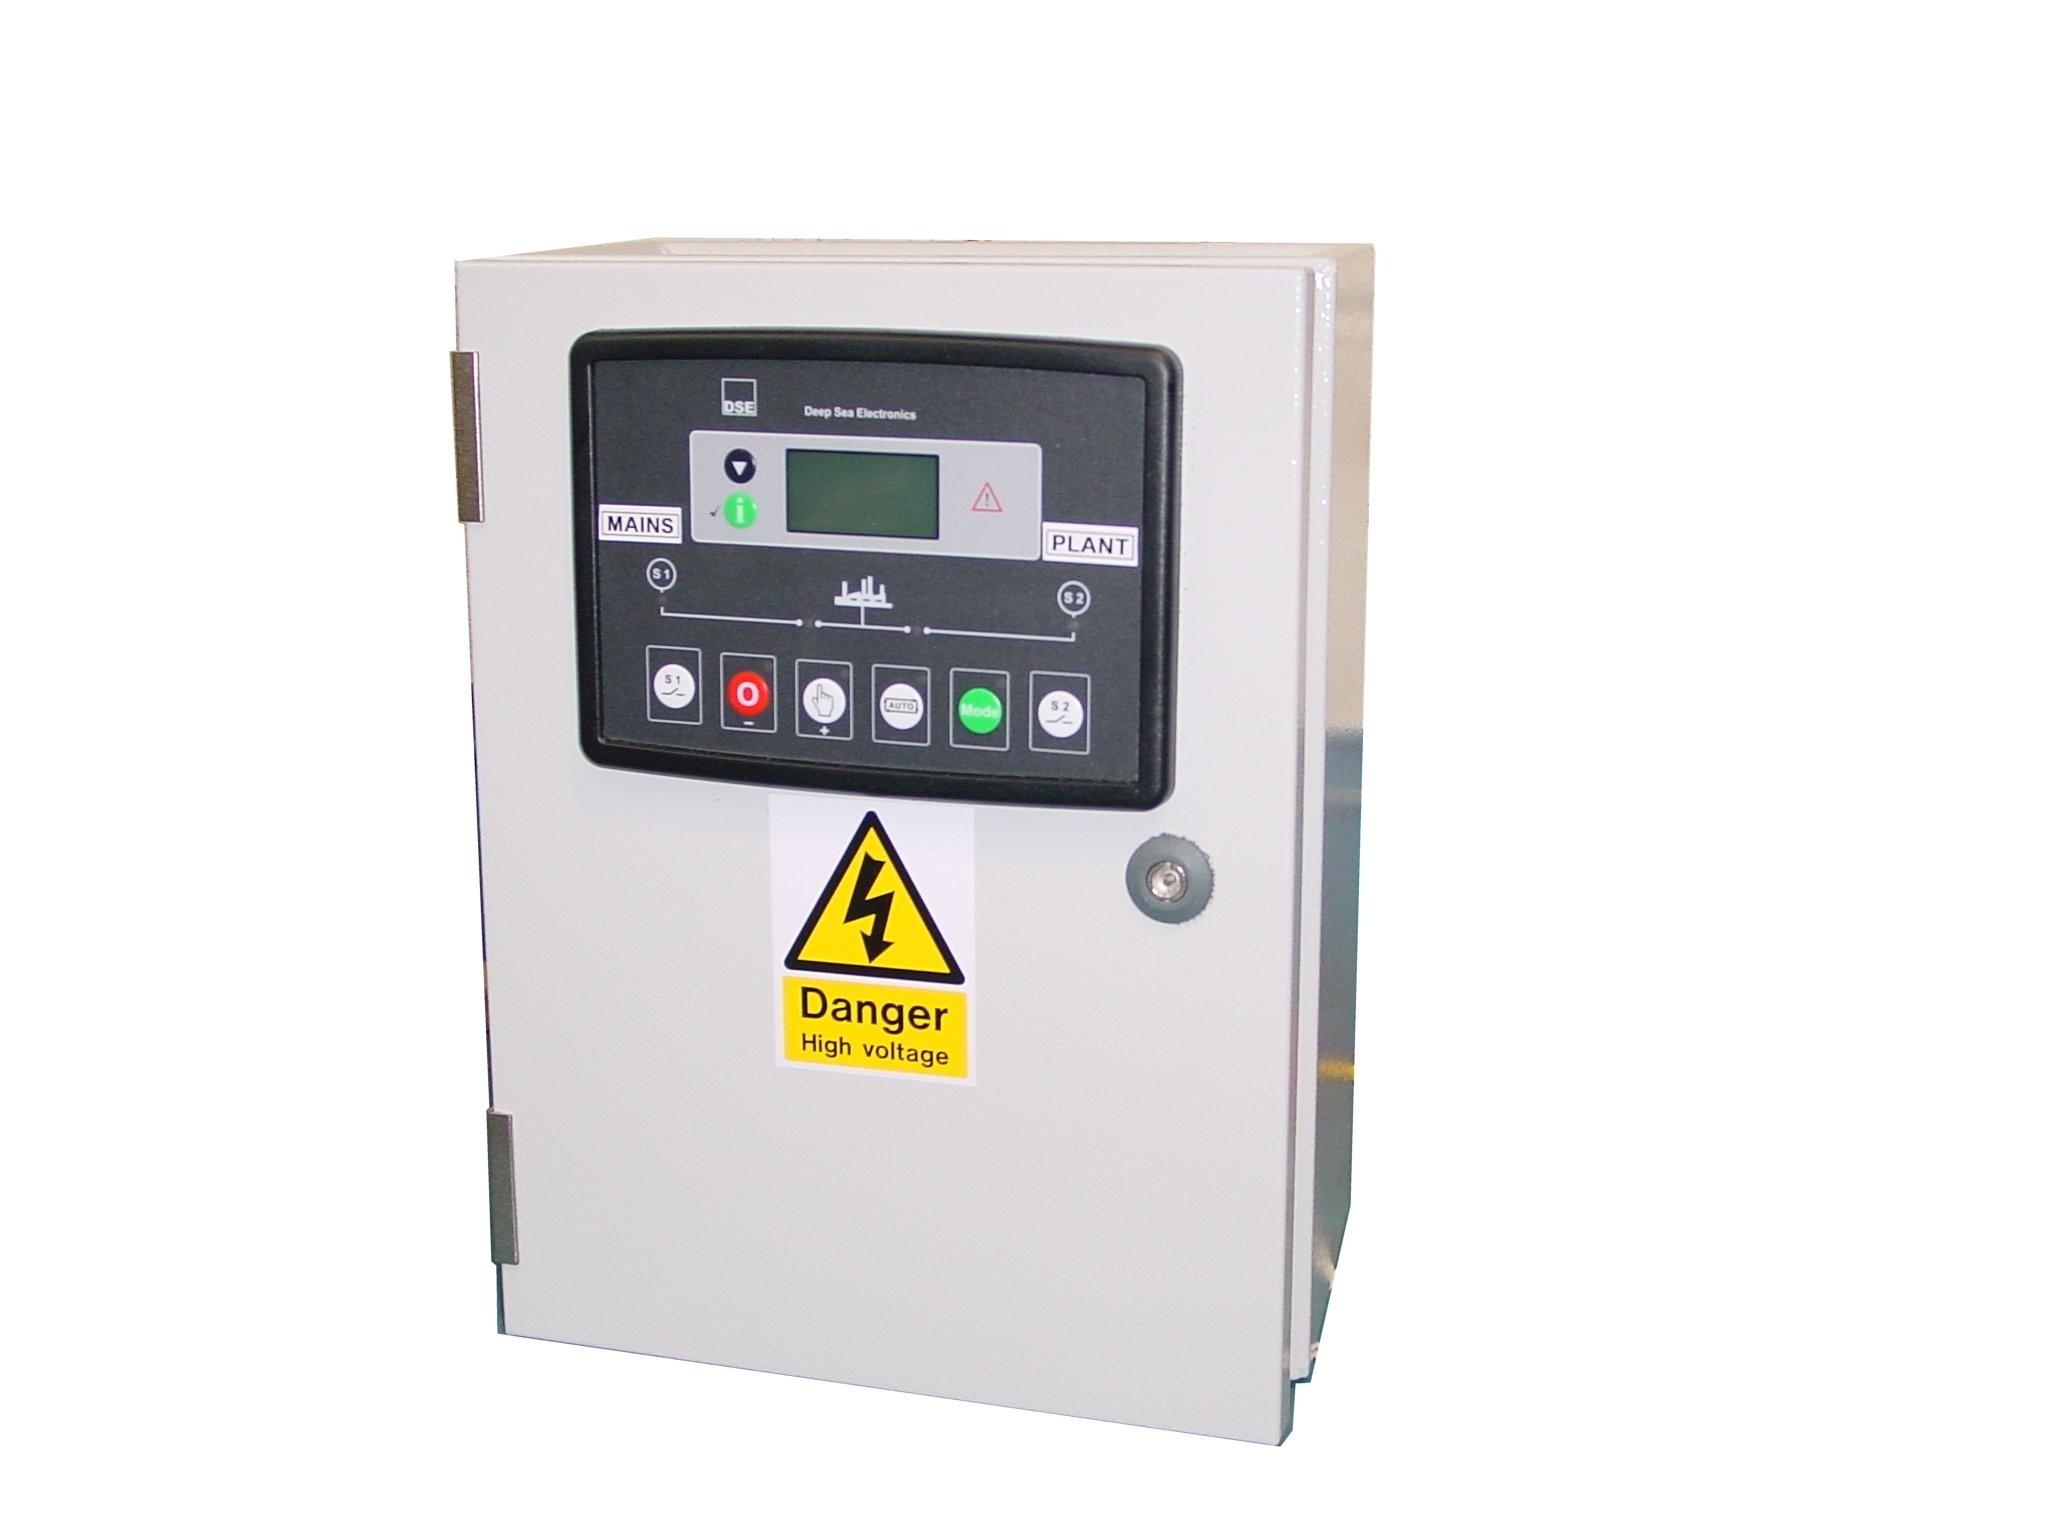 60A ATS 3 Phase 400V, DSE334, ABB Contactors